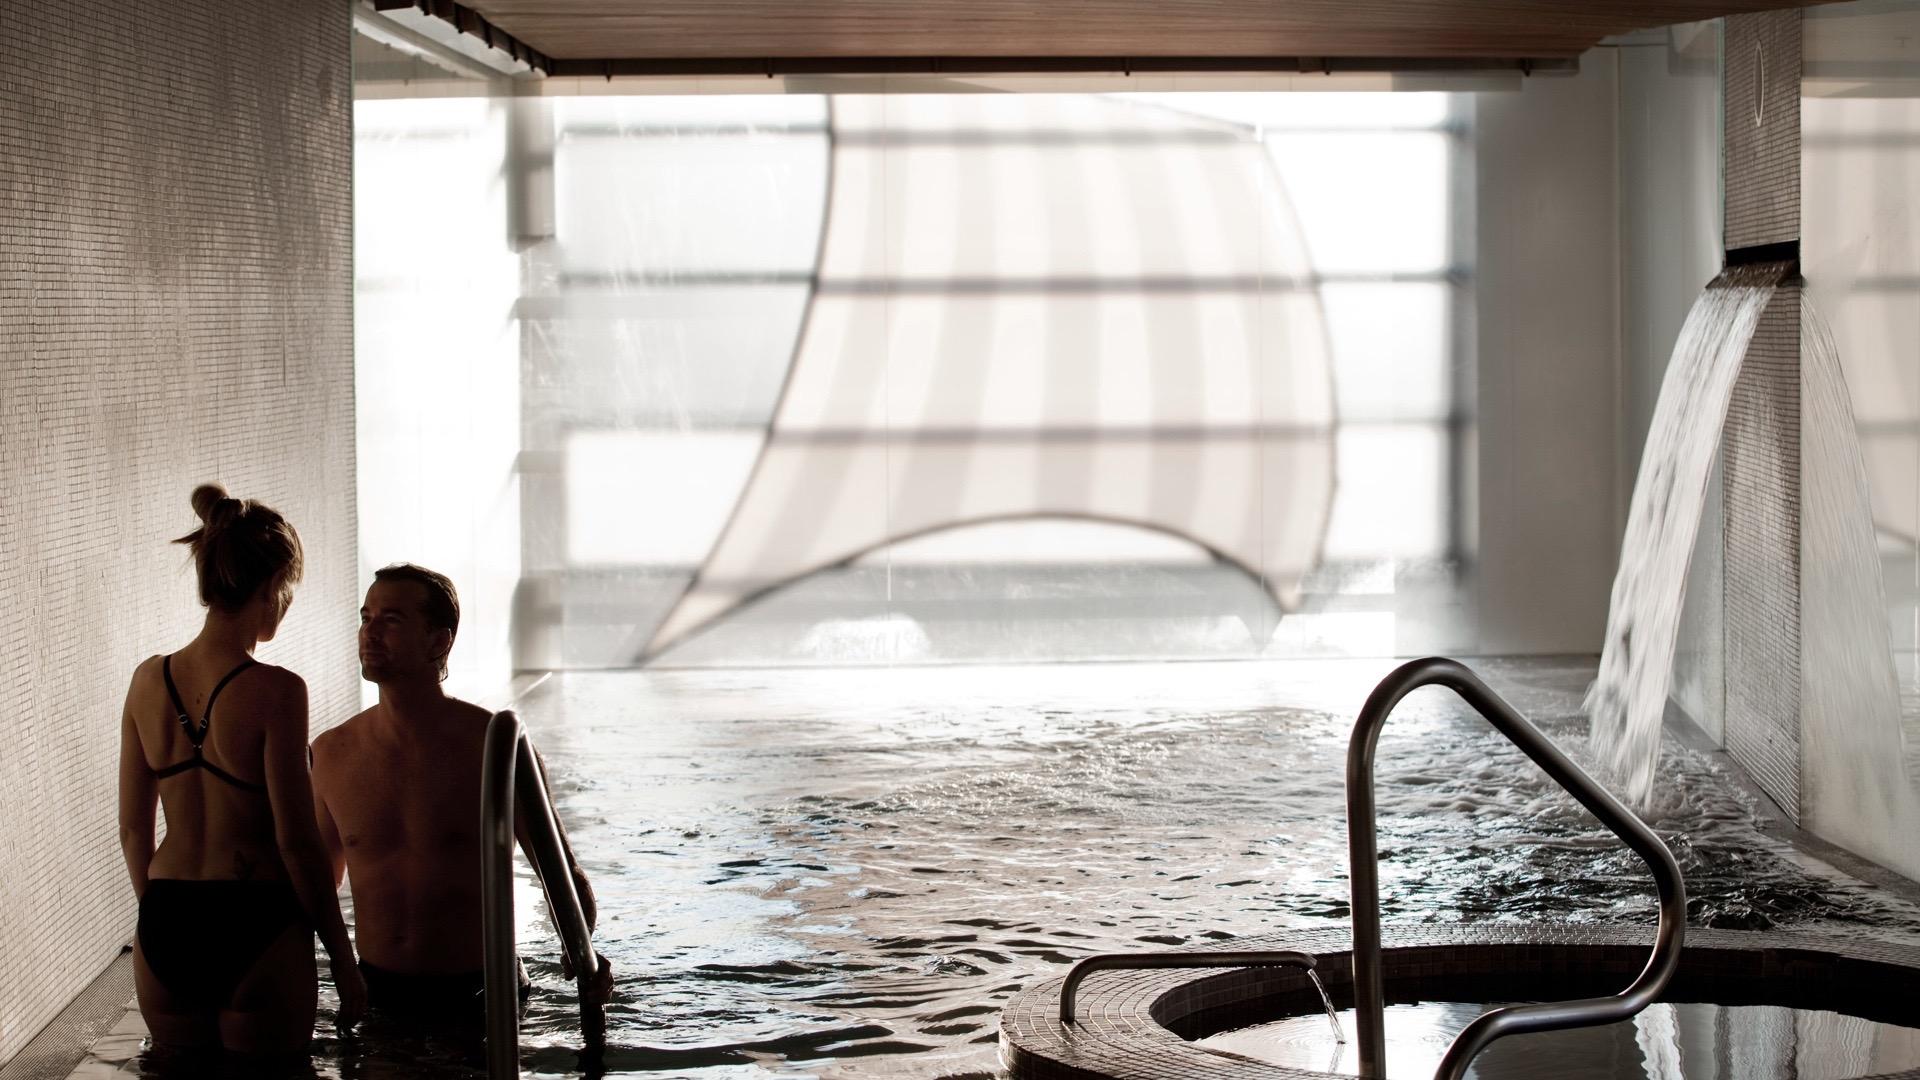 scandinave les bains vieux montr al quebec spas of america